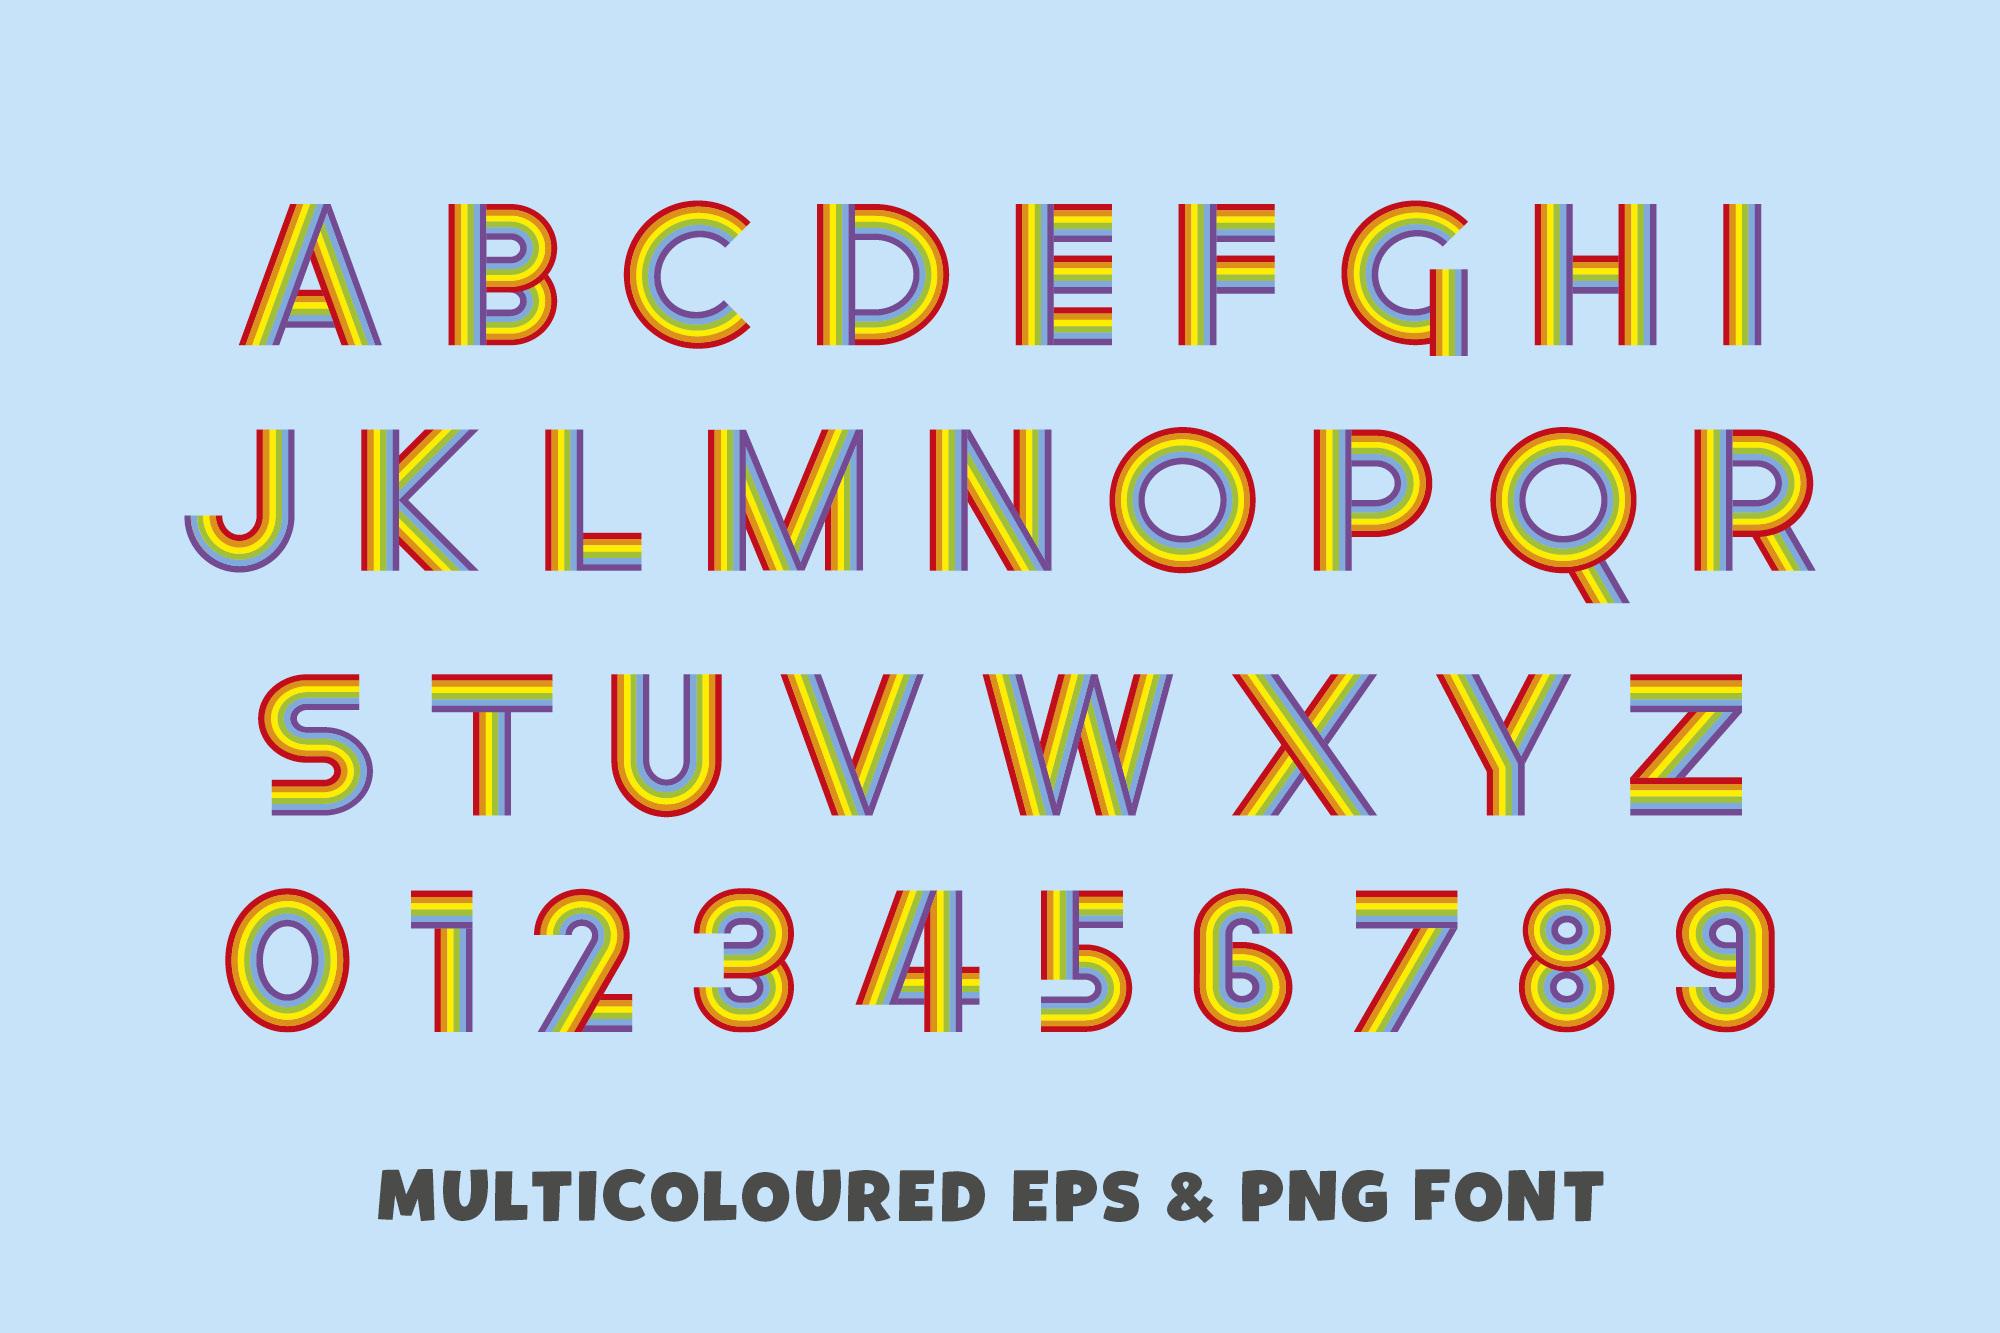 Rainbow Ryder EPS Font example image 2